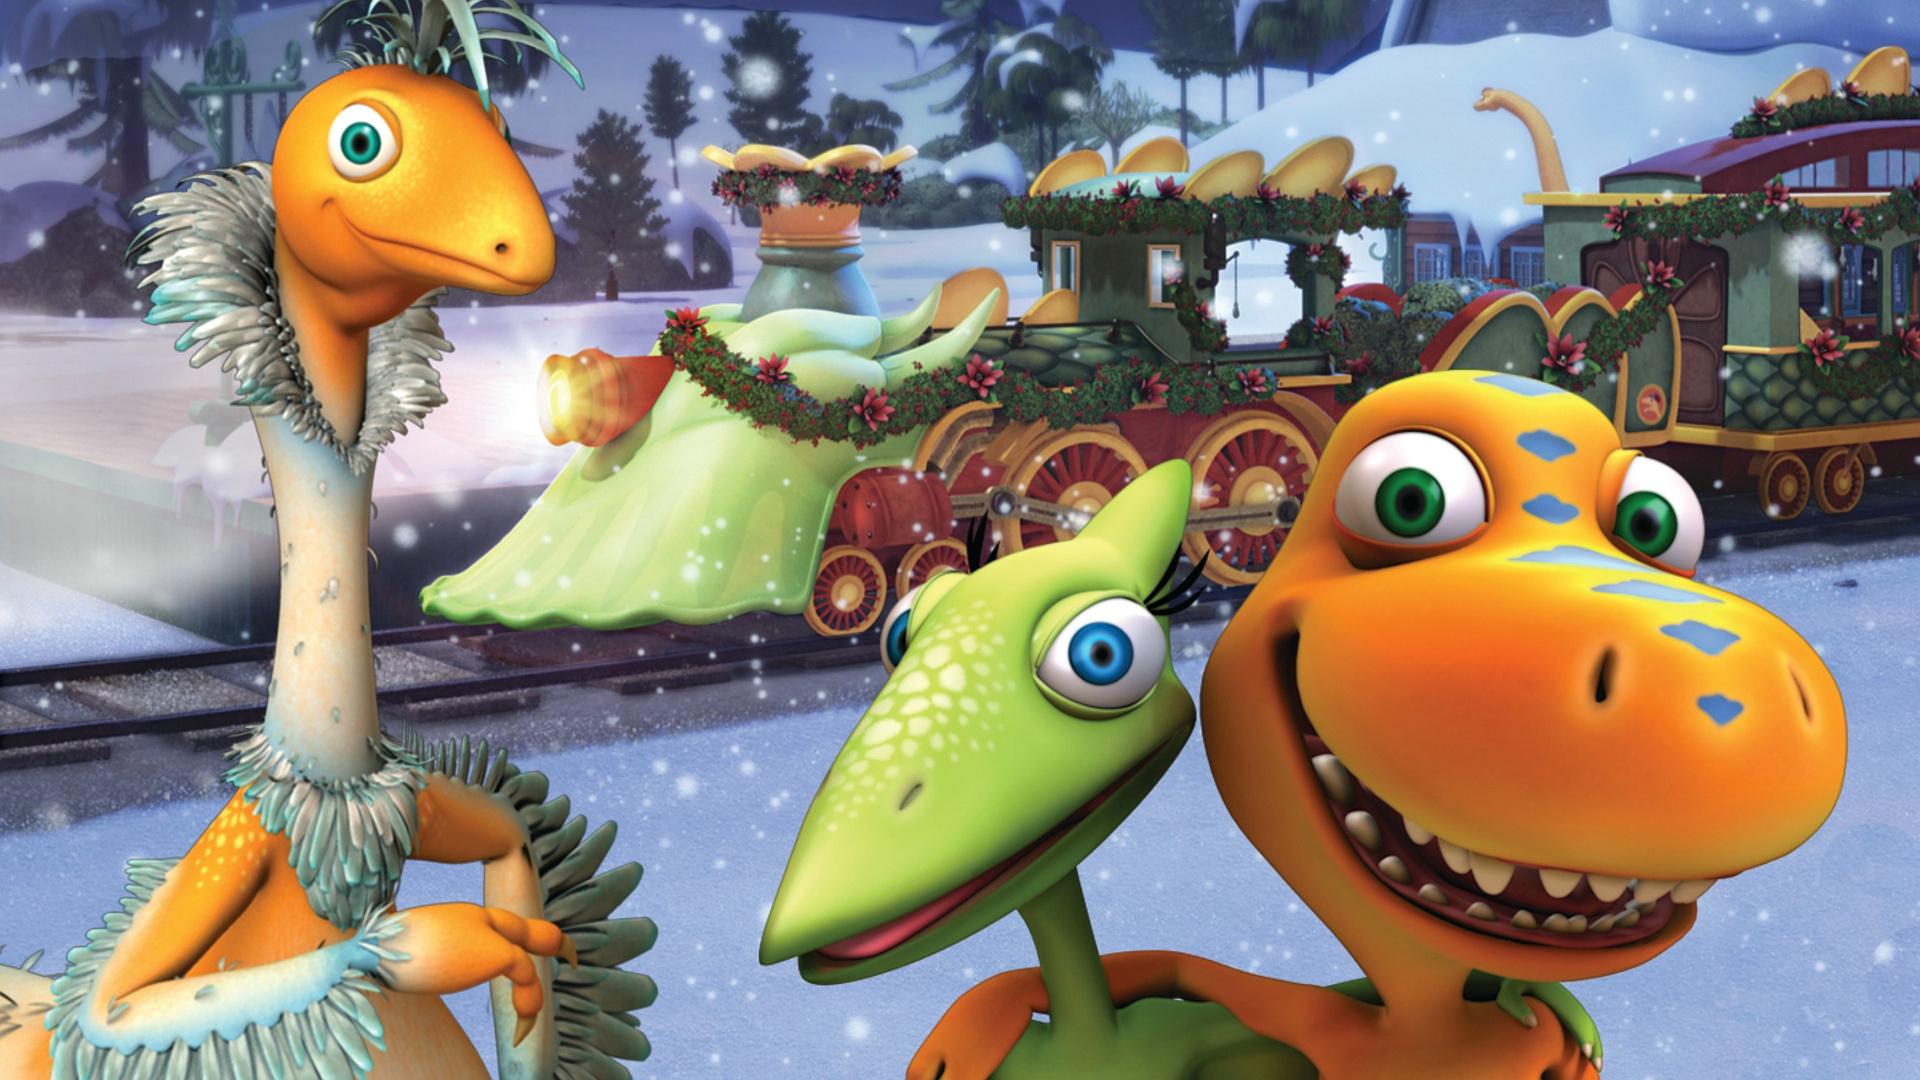 скачать мультфильм поезд динозавров 1 сезон бесплатно